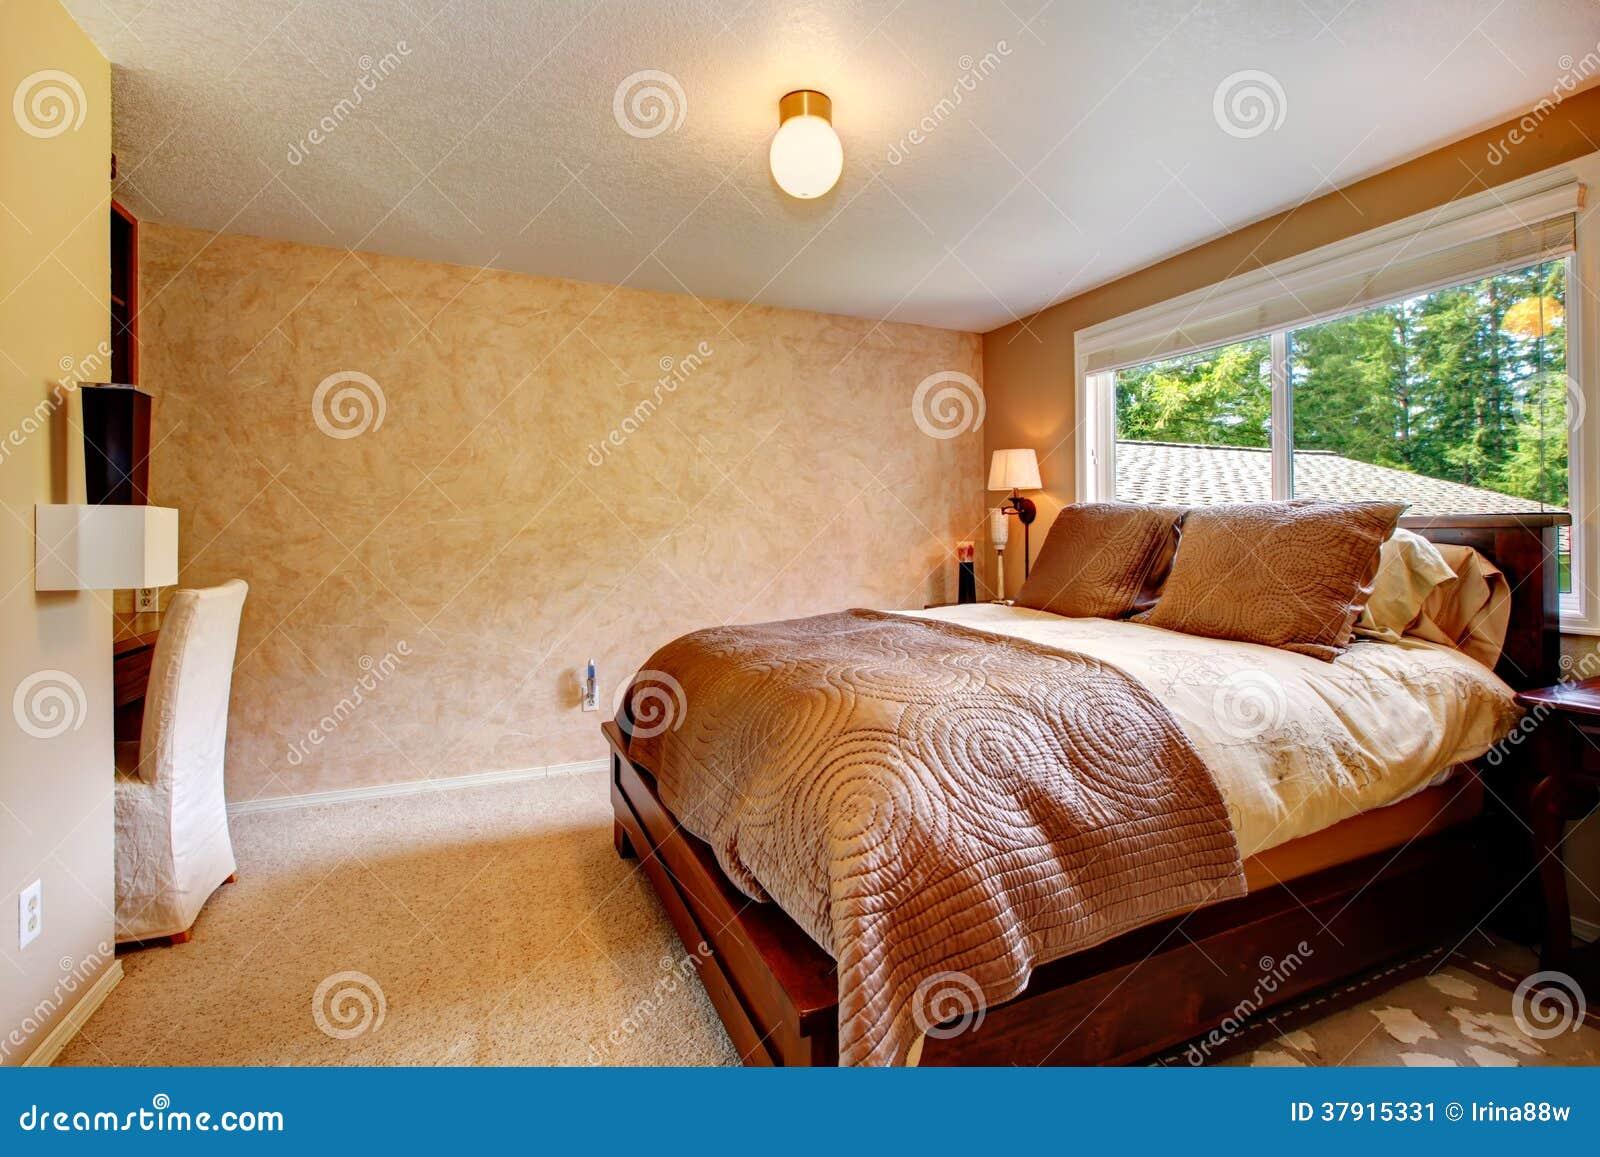 Camera da letto accogliente di colori caldi immagine stock for Colori camera da letto matrimoniale